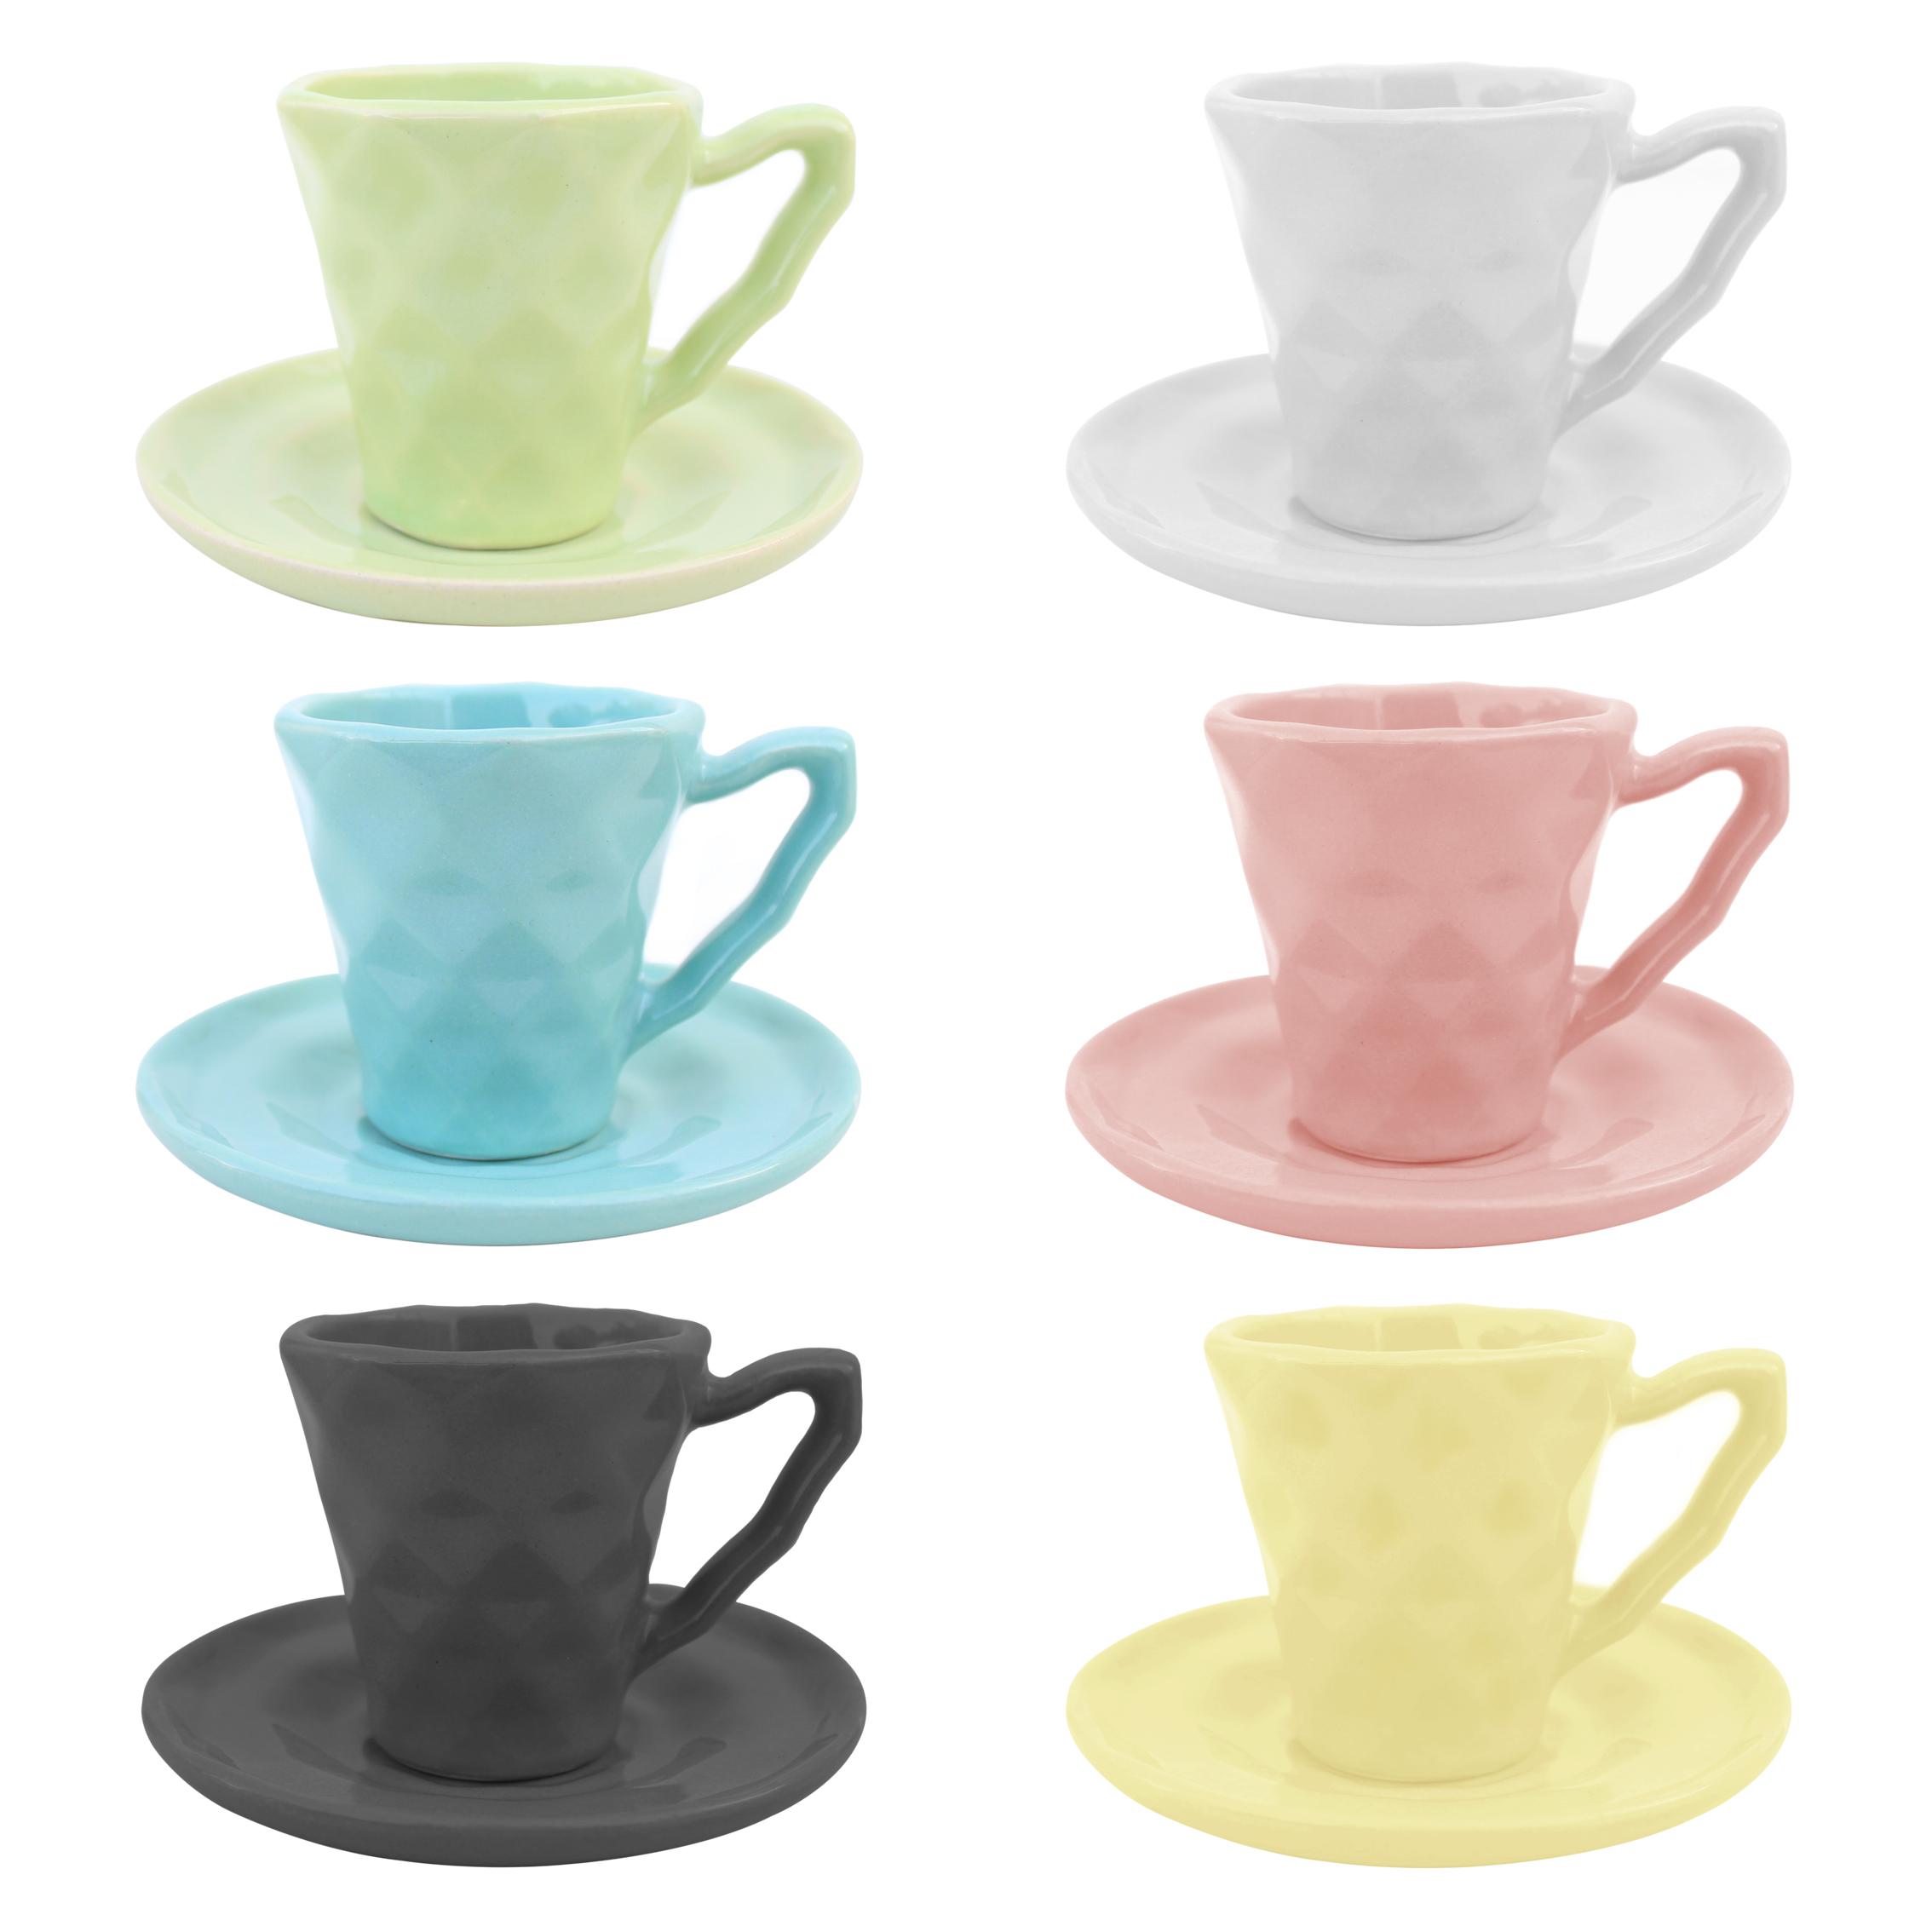 سرویس قهوه خوری 12 پارچه کد 510